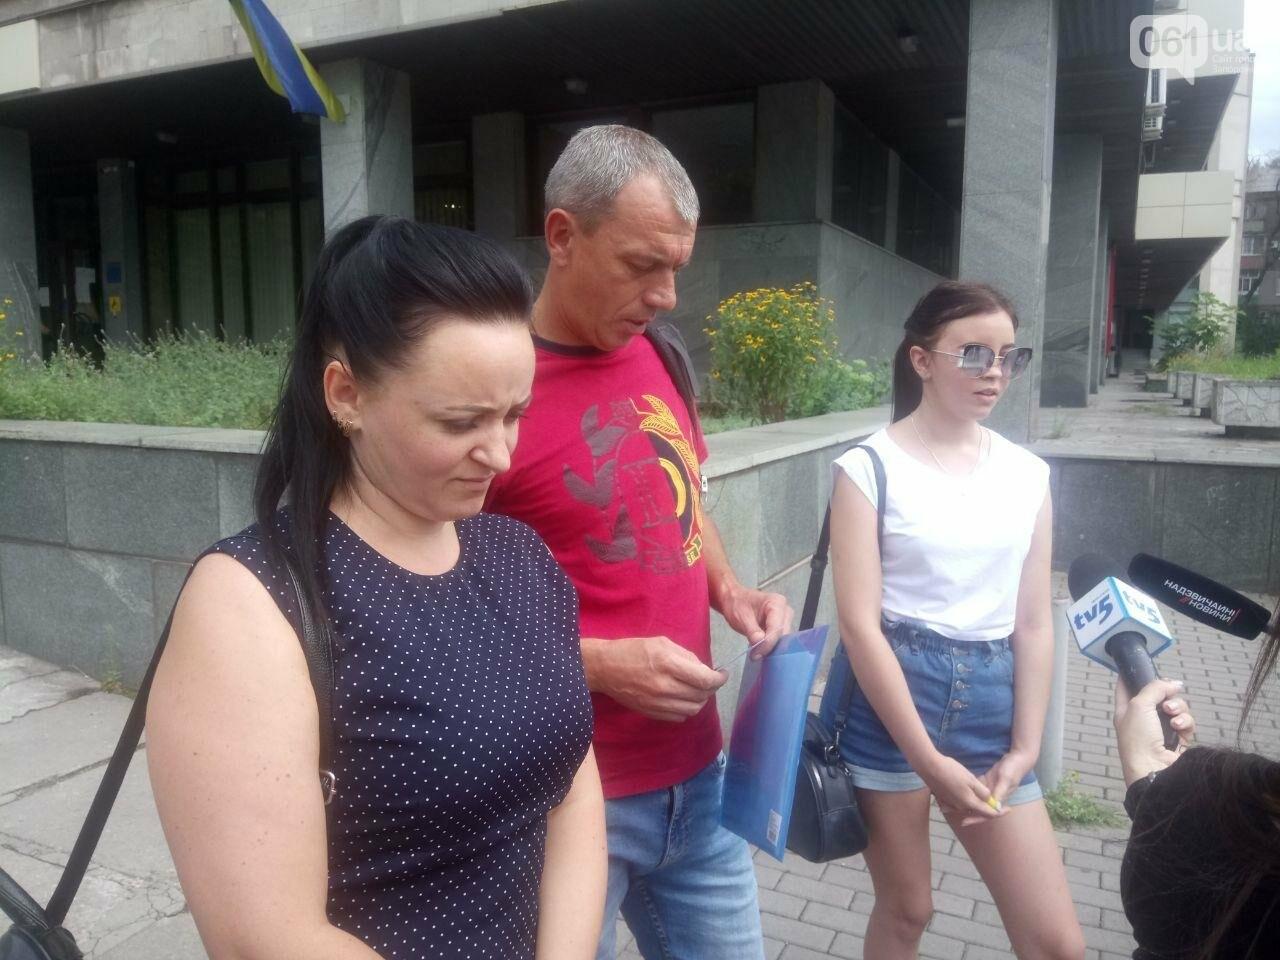 Запорожский суд отклонил апелляцию по делу о привлечении к ответственности родителей девочки, совершившей выстрел в подругу, фото-1